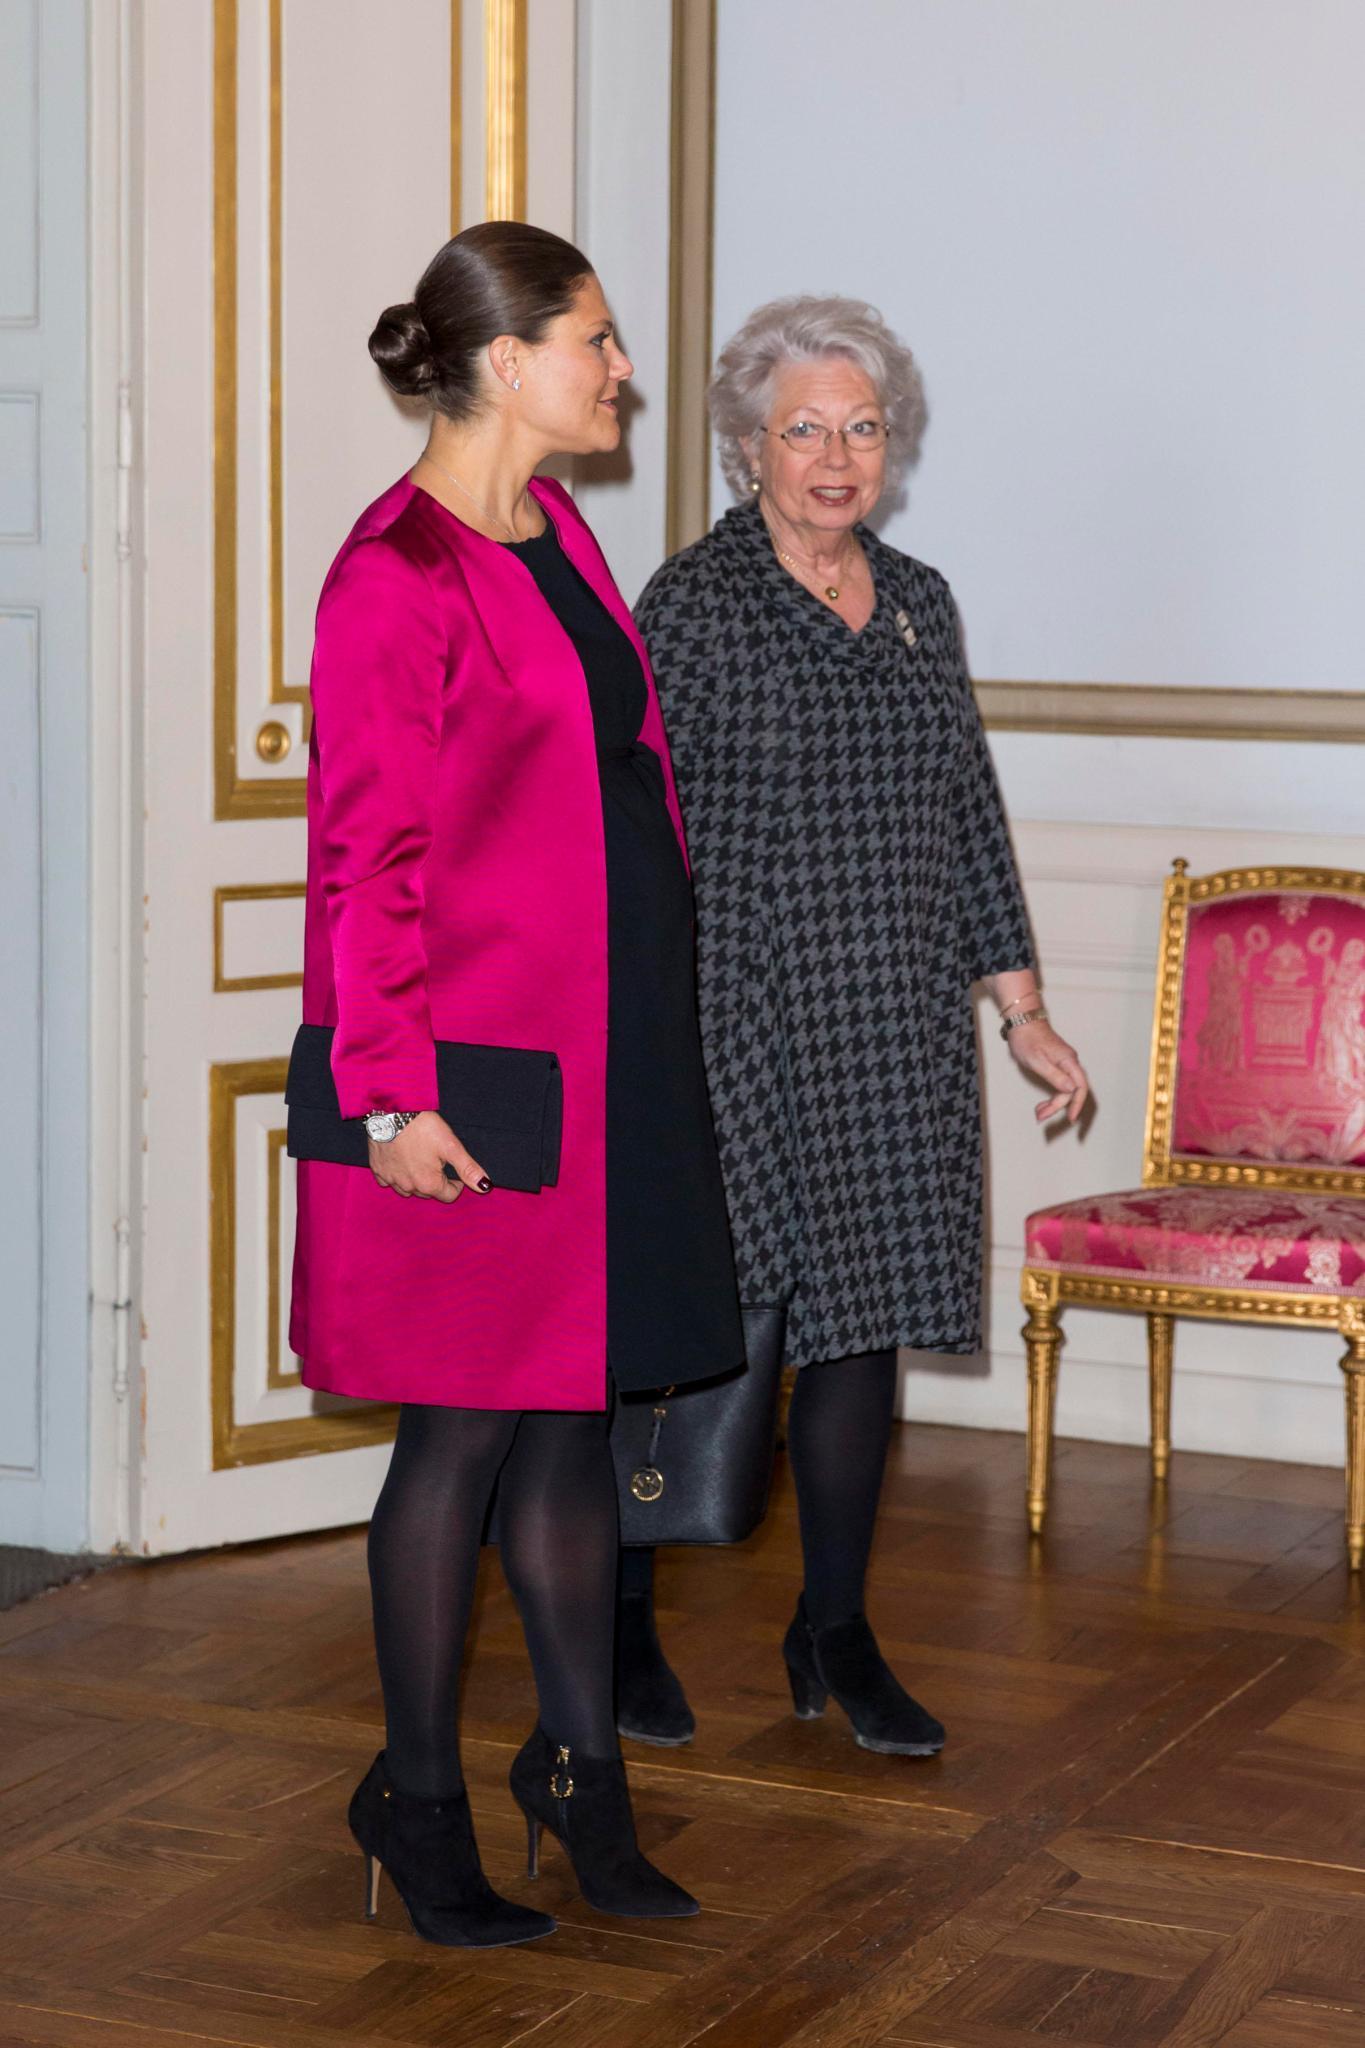 Prinzessin Christina und Prinzessin Victoria nehmen im Januar 2016 an einer Ausstellung im Schloss teil.